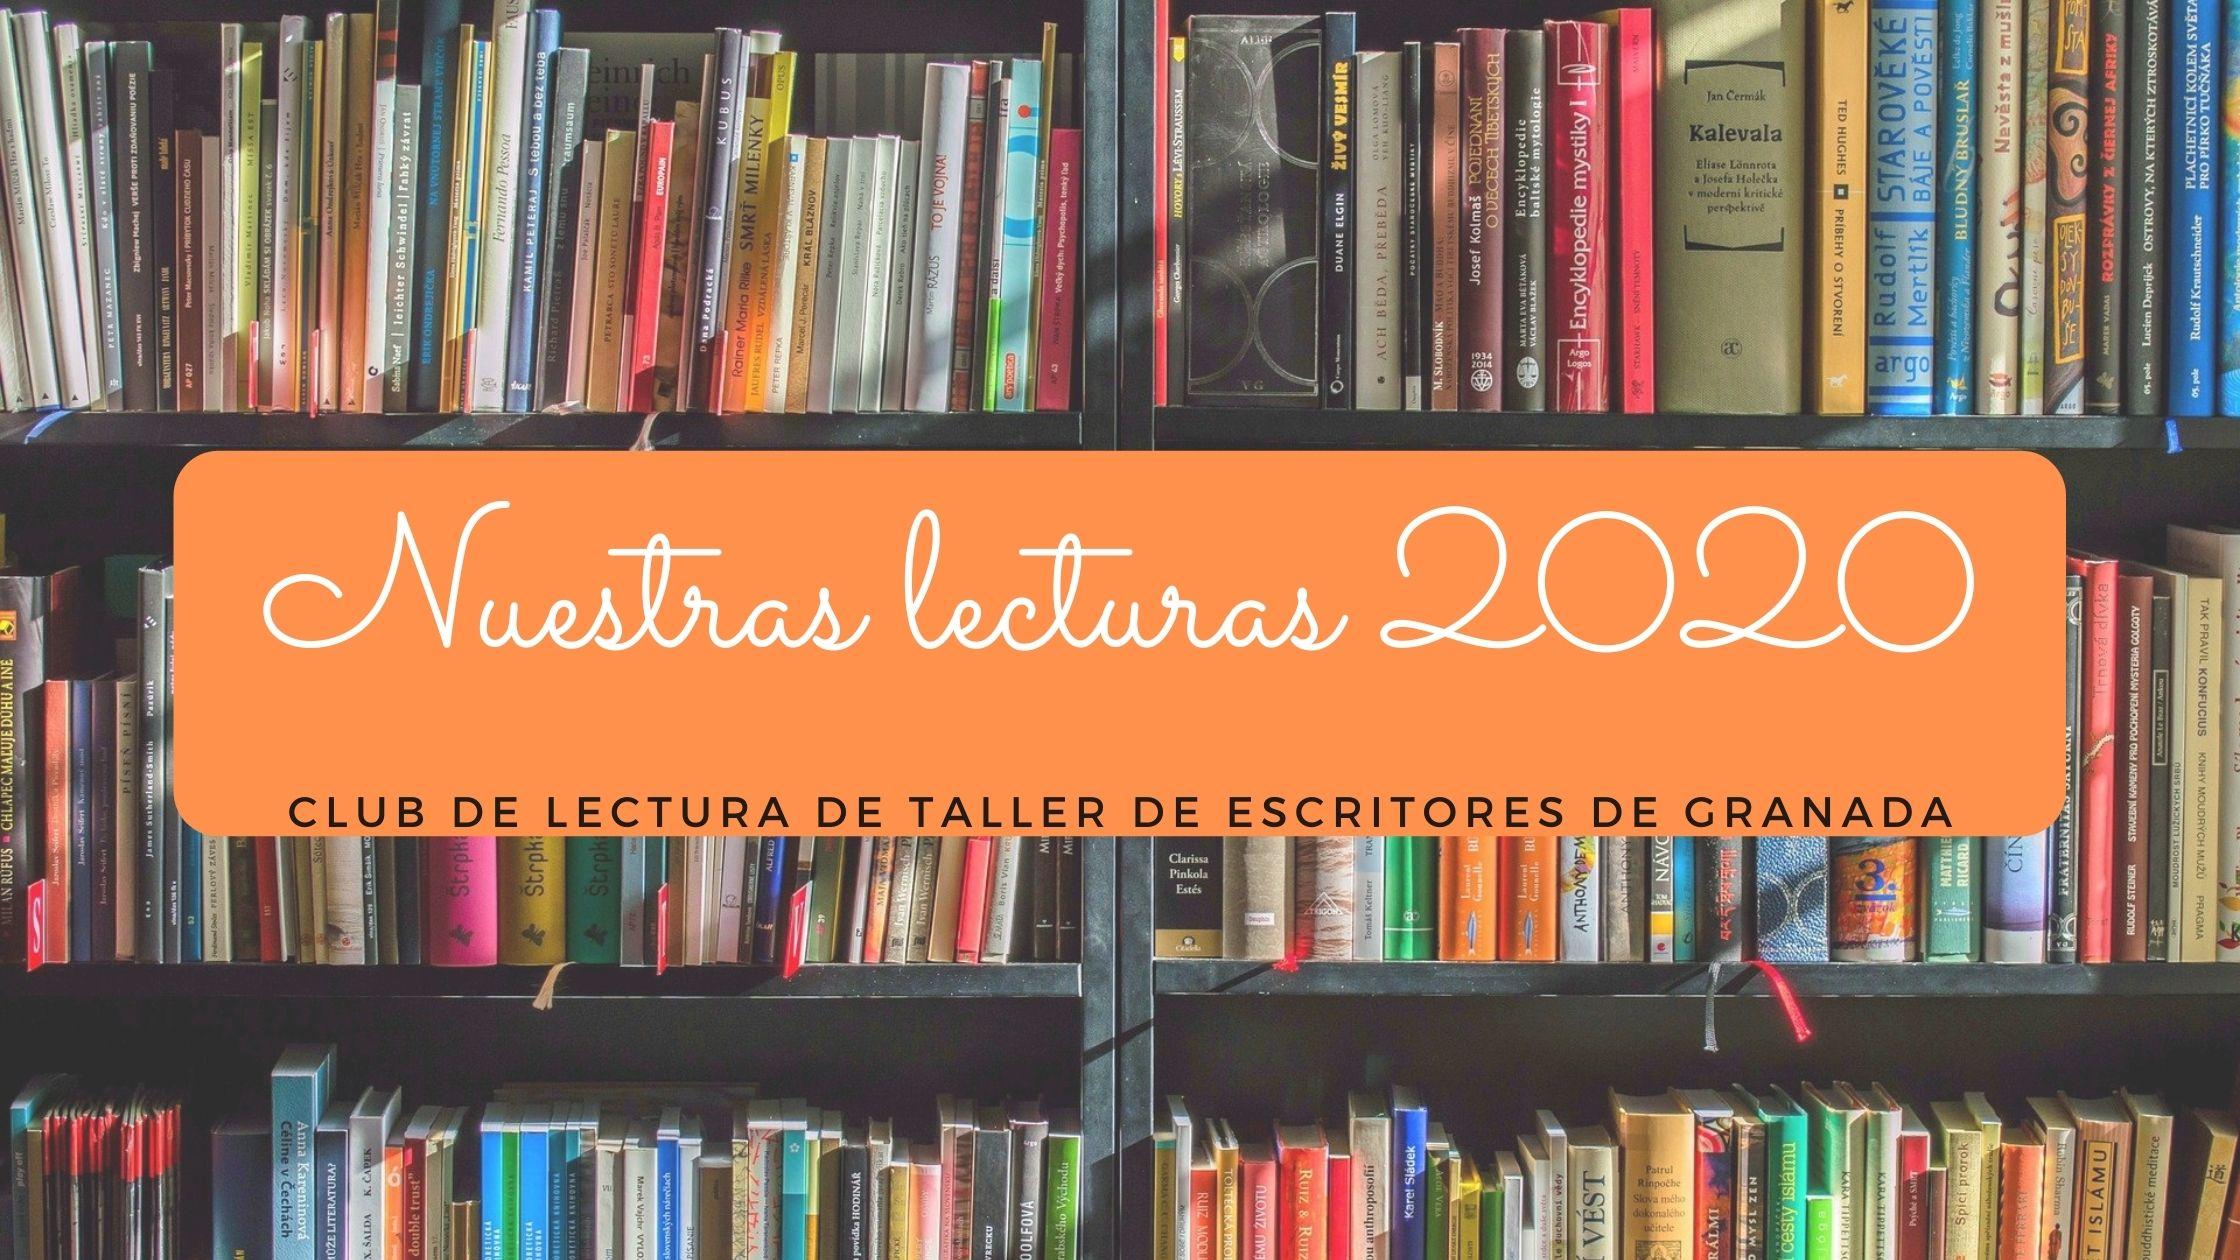 Lecturas Club de Lectura 2020